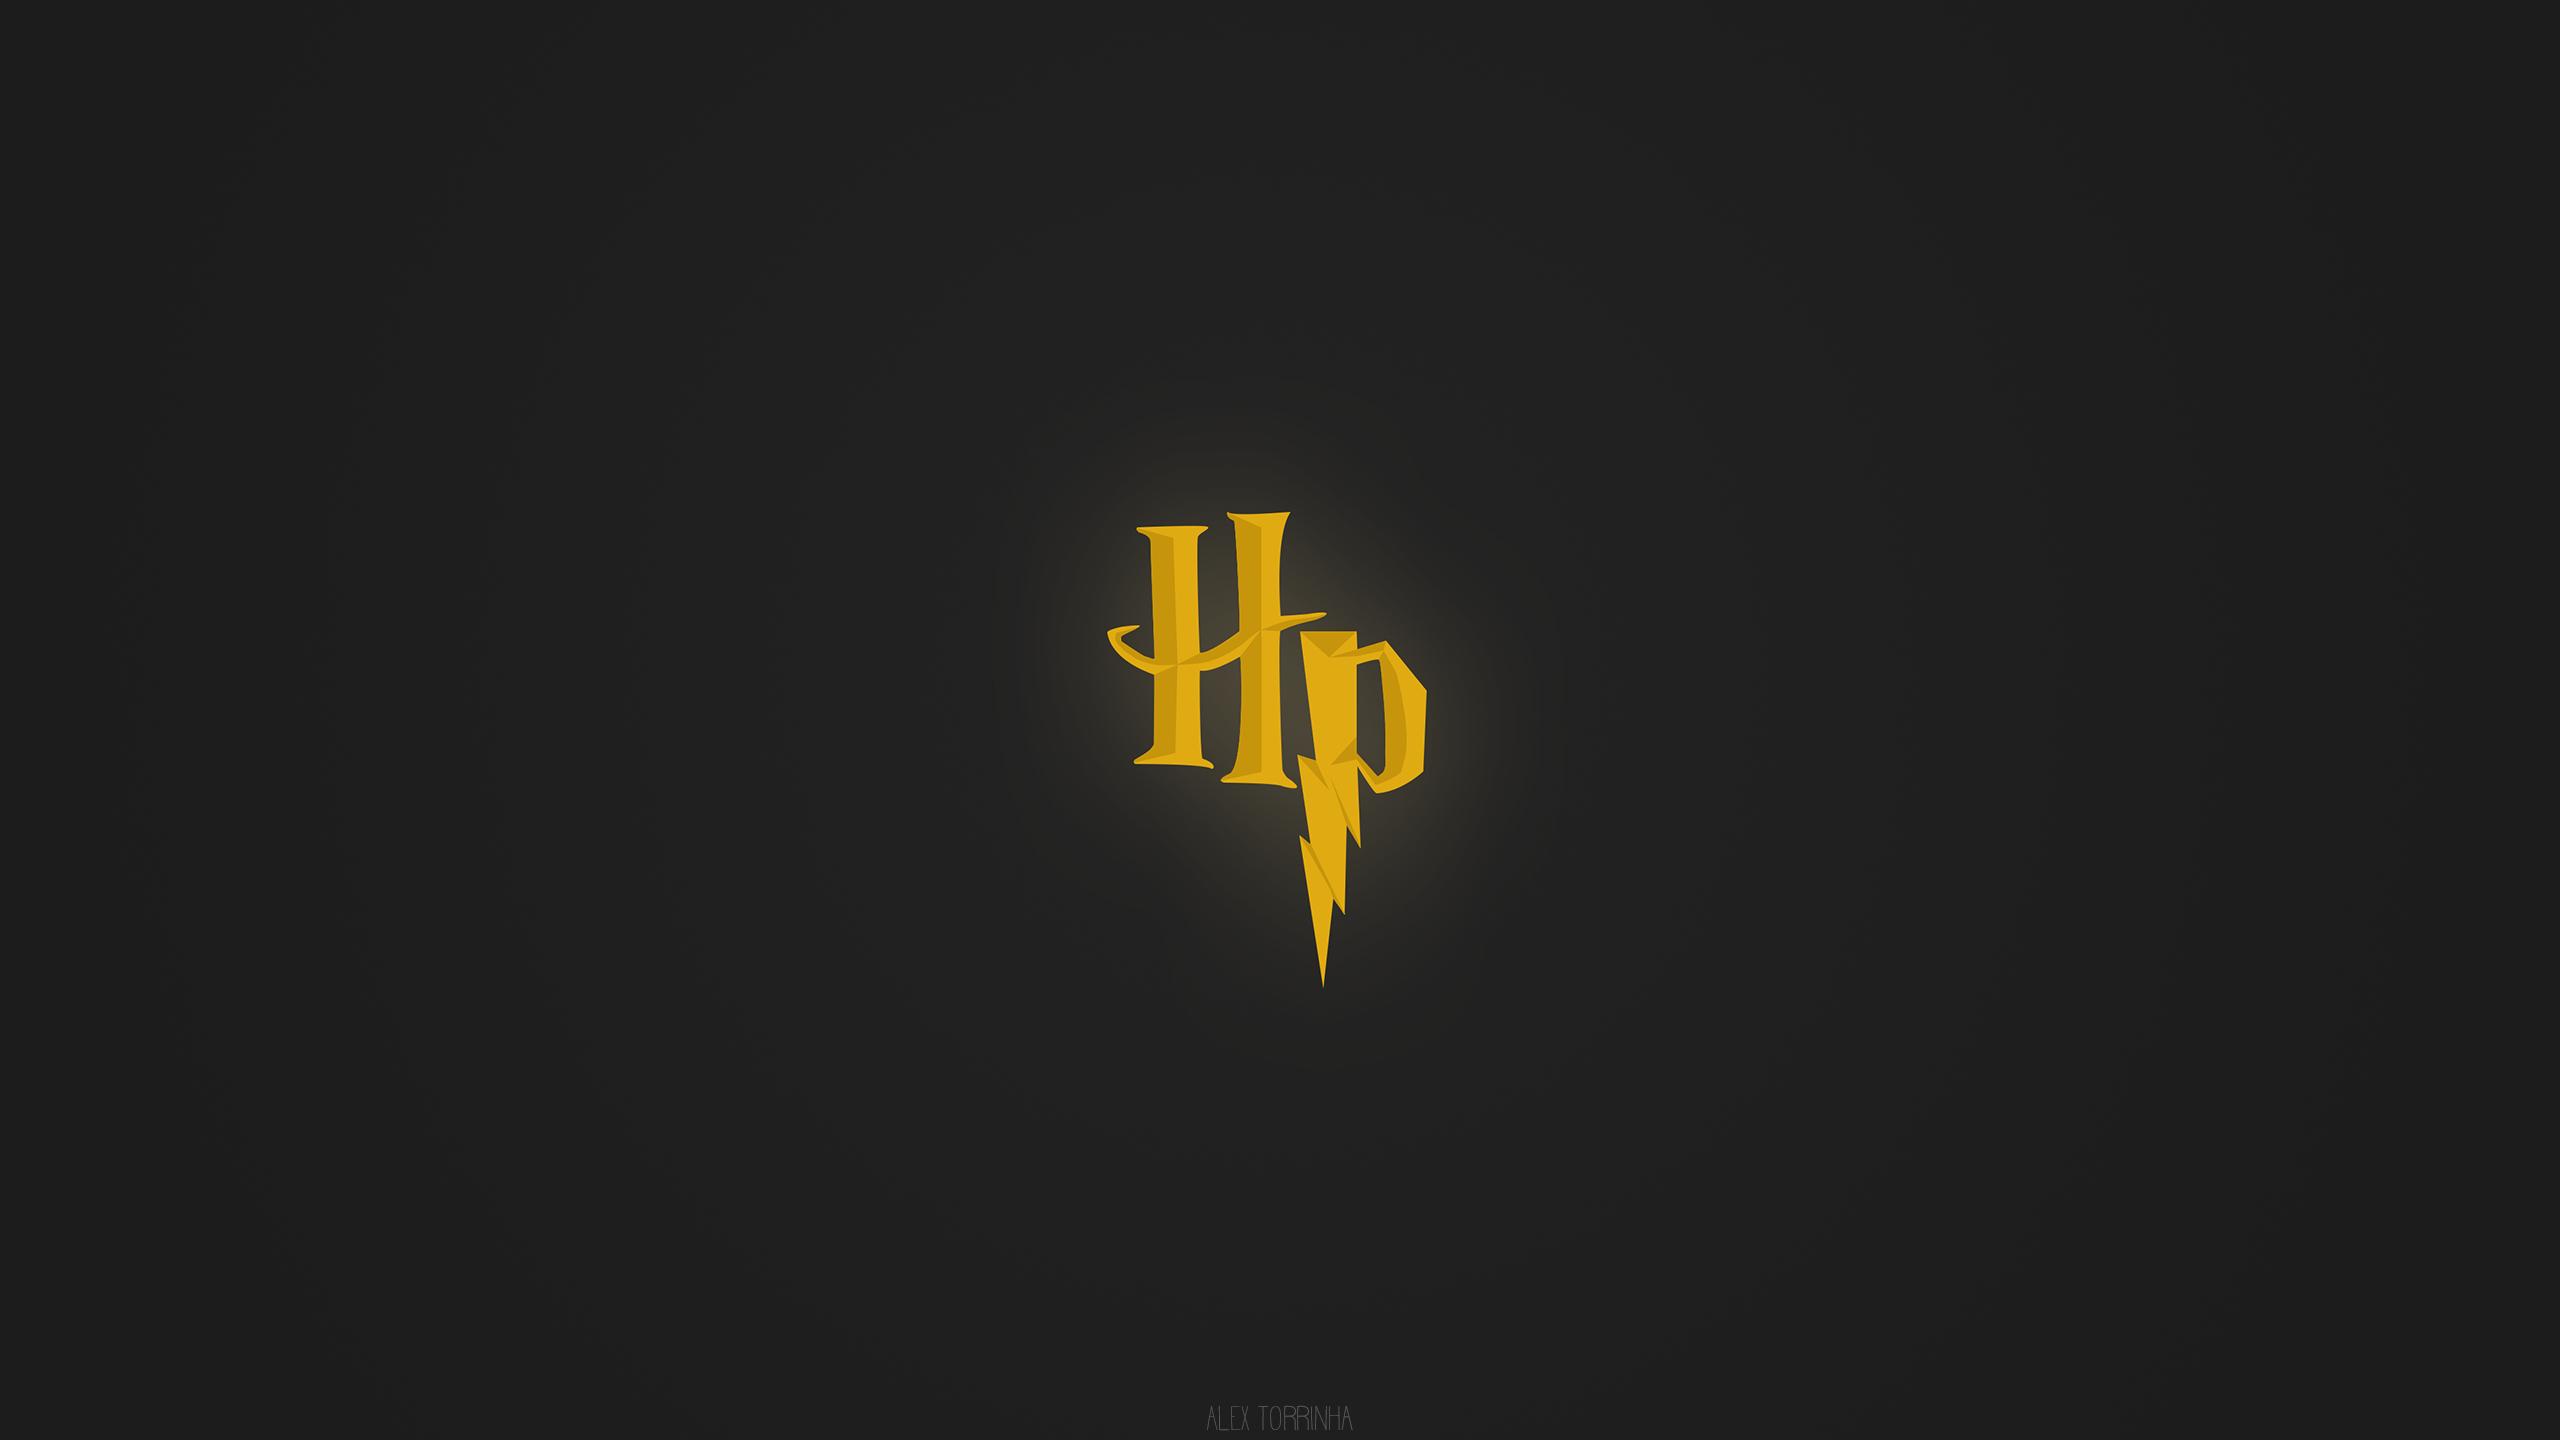 OC Harry Potter Minimalistic Wallpaper 2560x1440